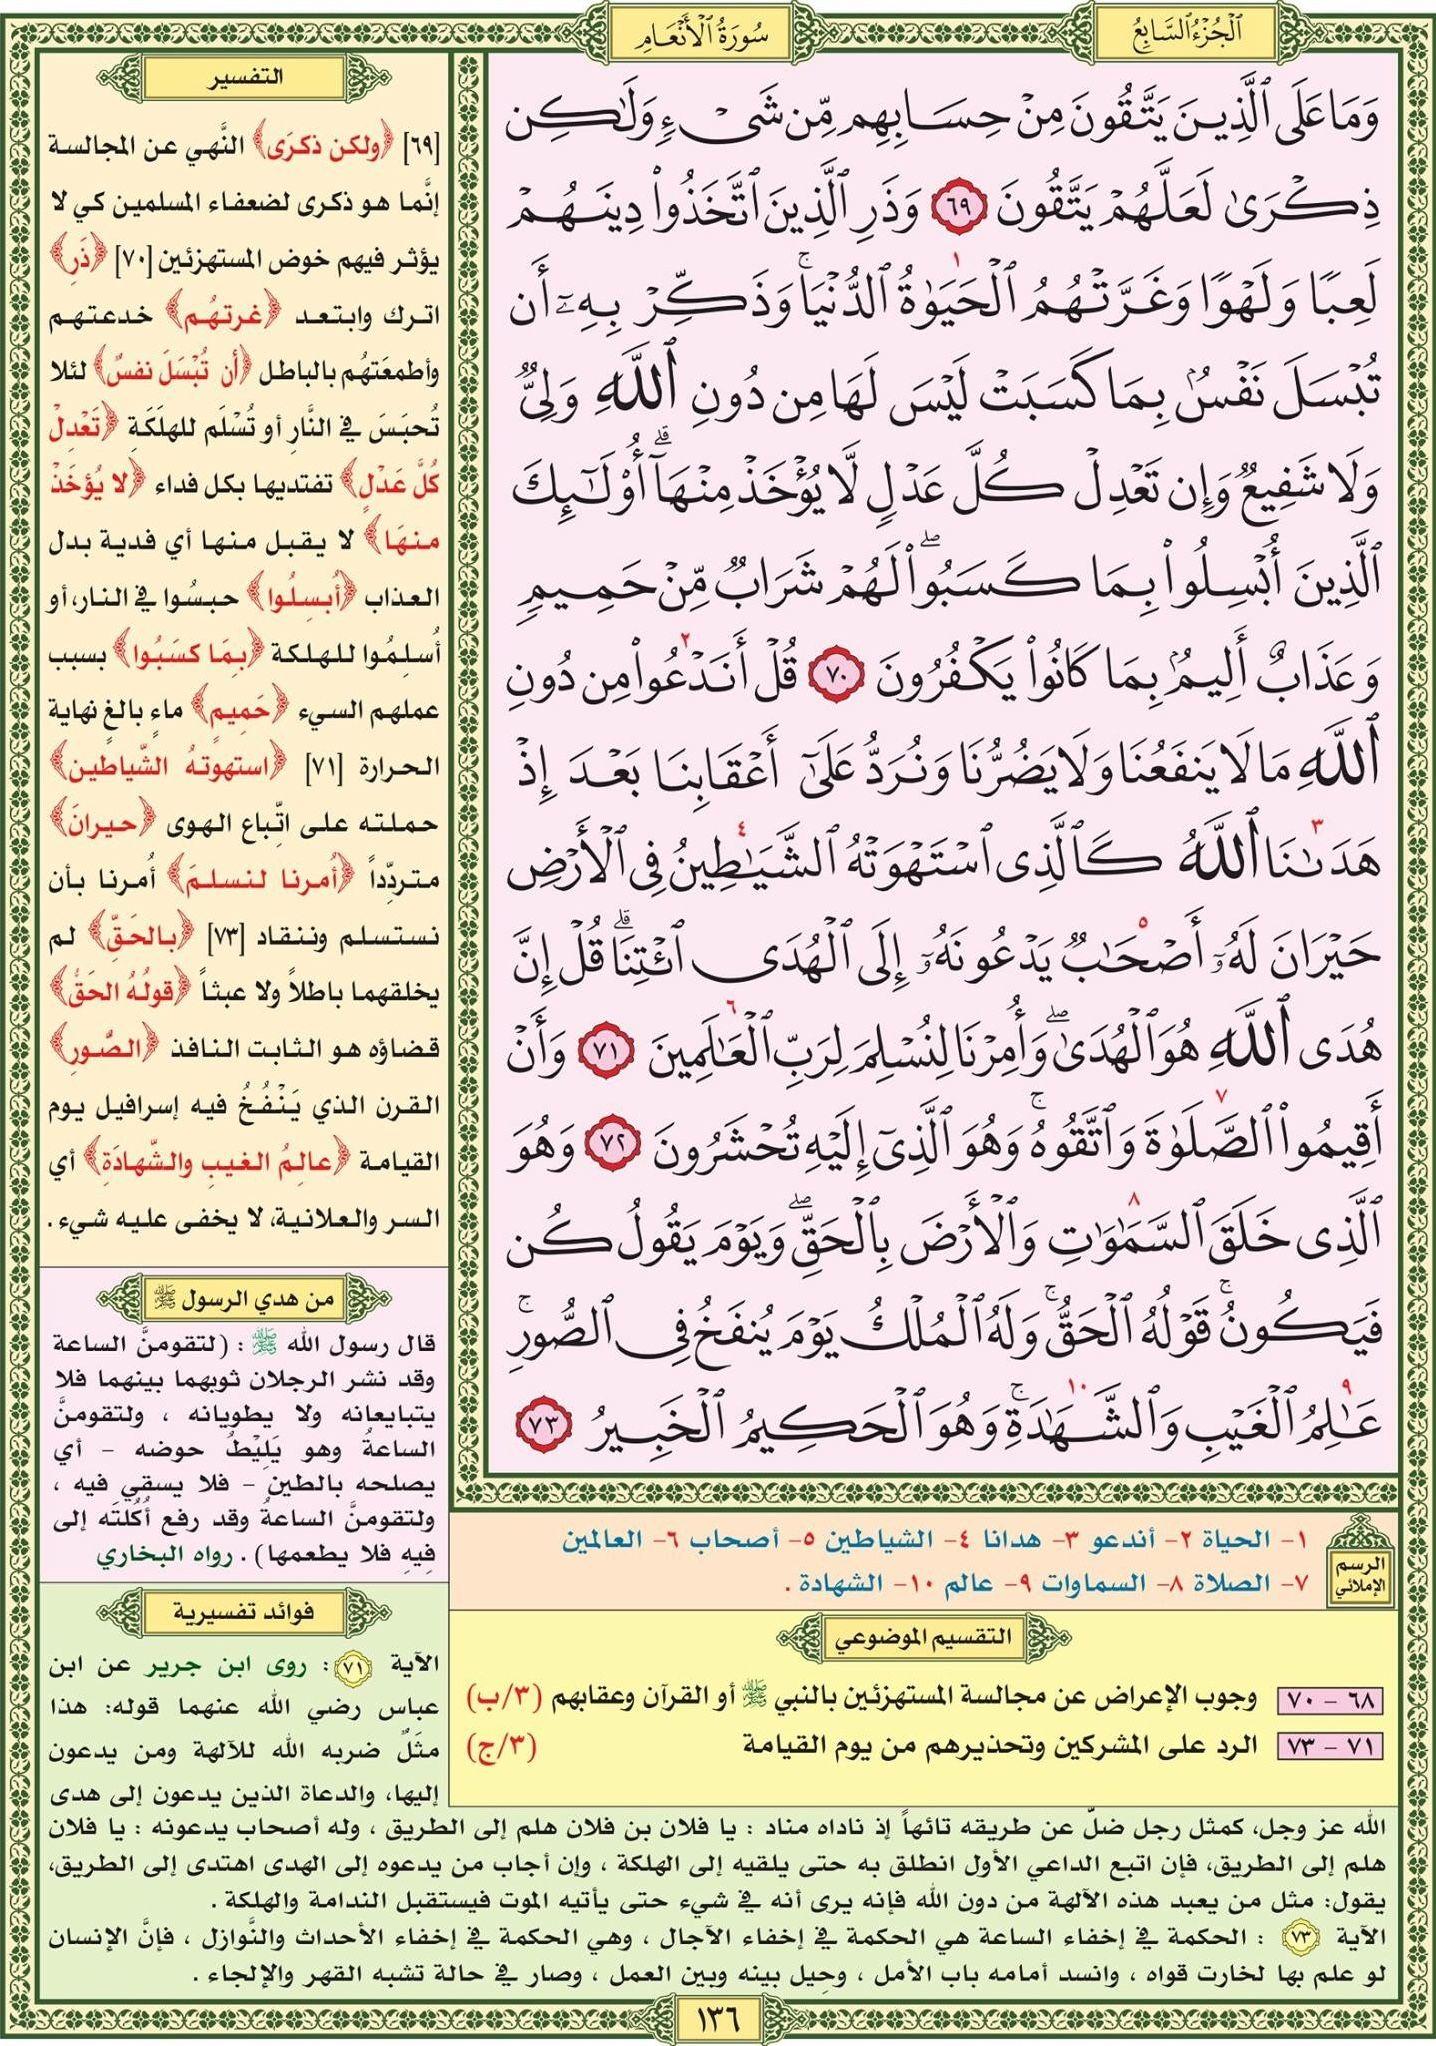 سورة الأنعام صفحة ١٣٦ مصحف التقسيم الموضوعي للحافظ المتقن Quran Verses Verses Quran